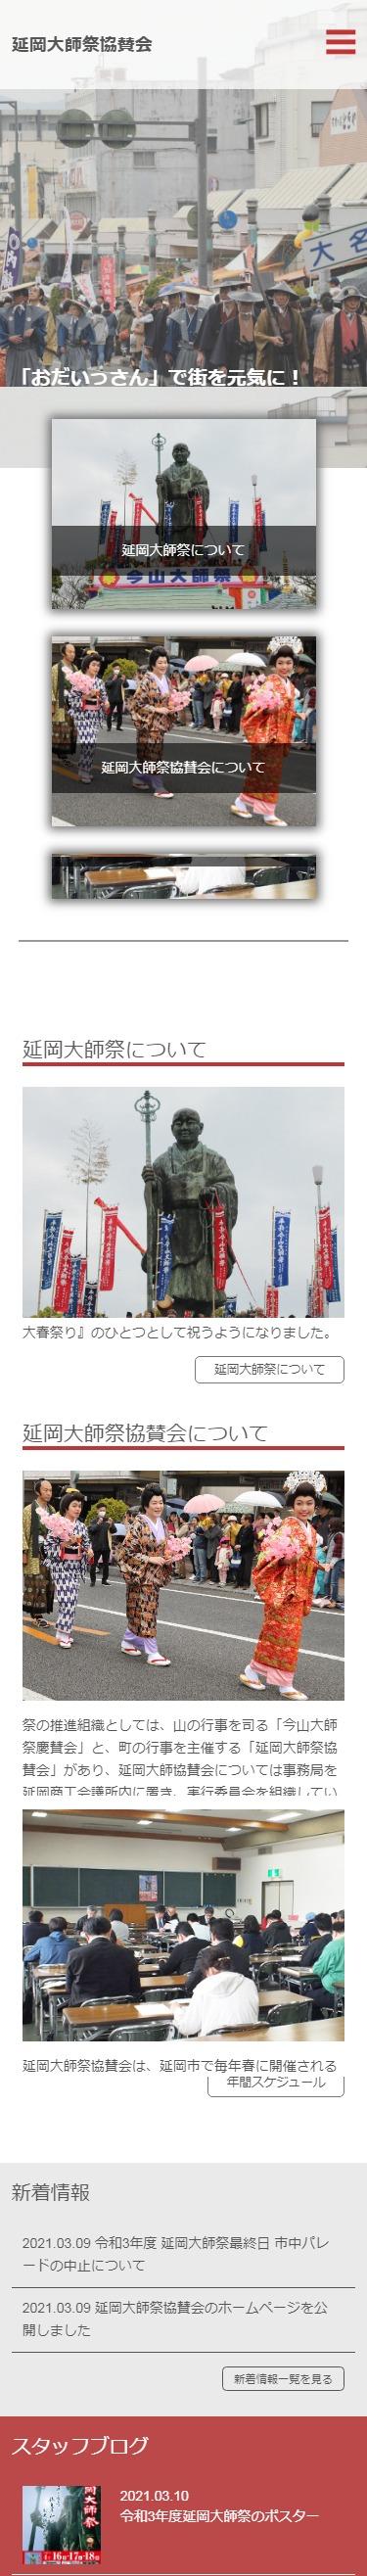 延岡大師祭協賛会